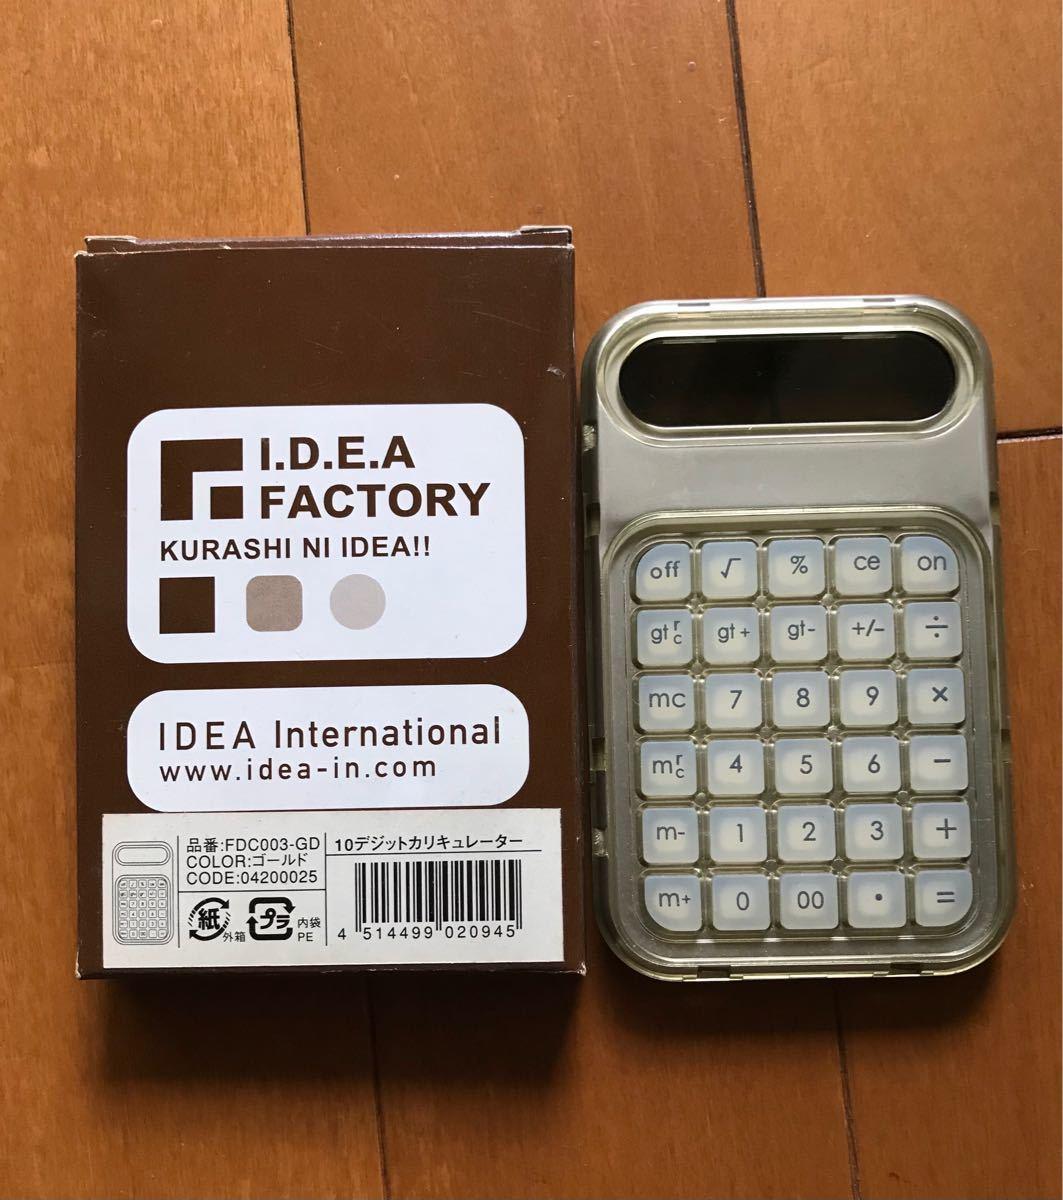 電卓 I.D.E.A FACTORY  デジットカリキュレーター